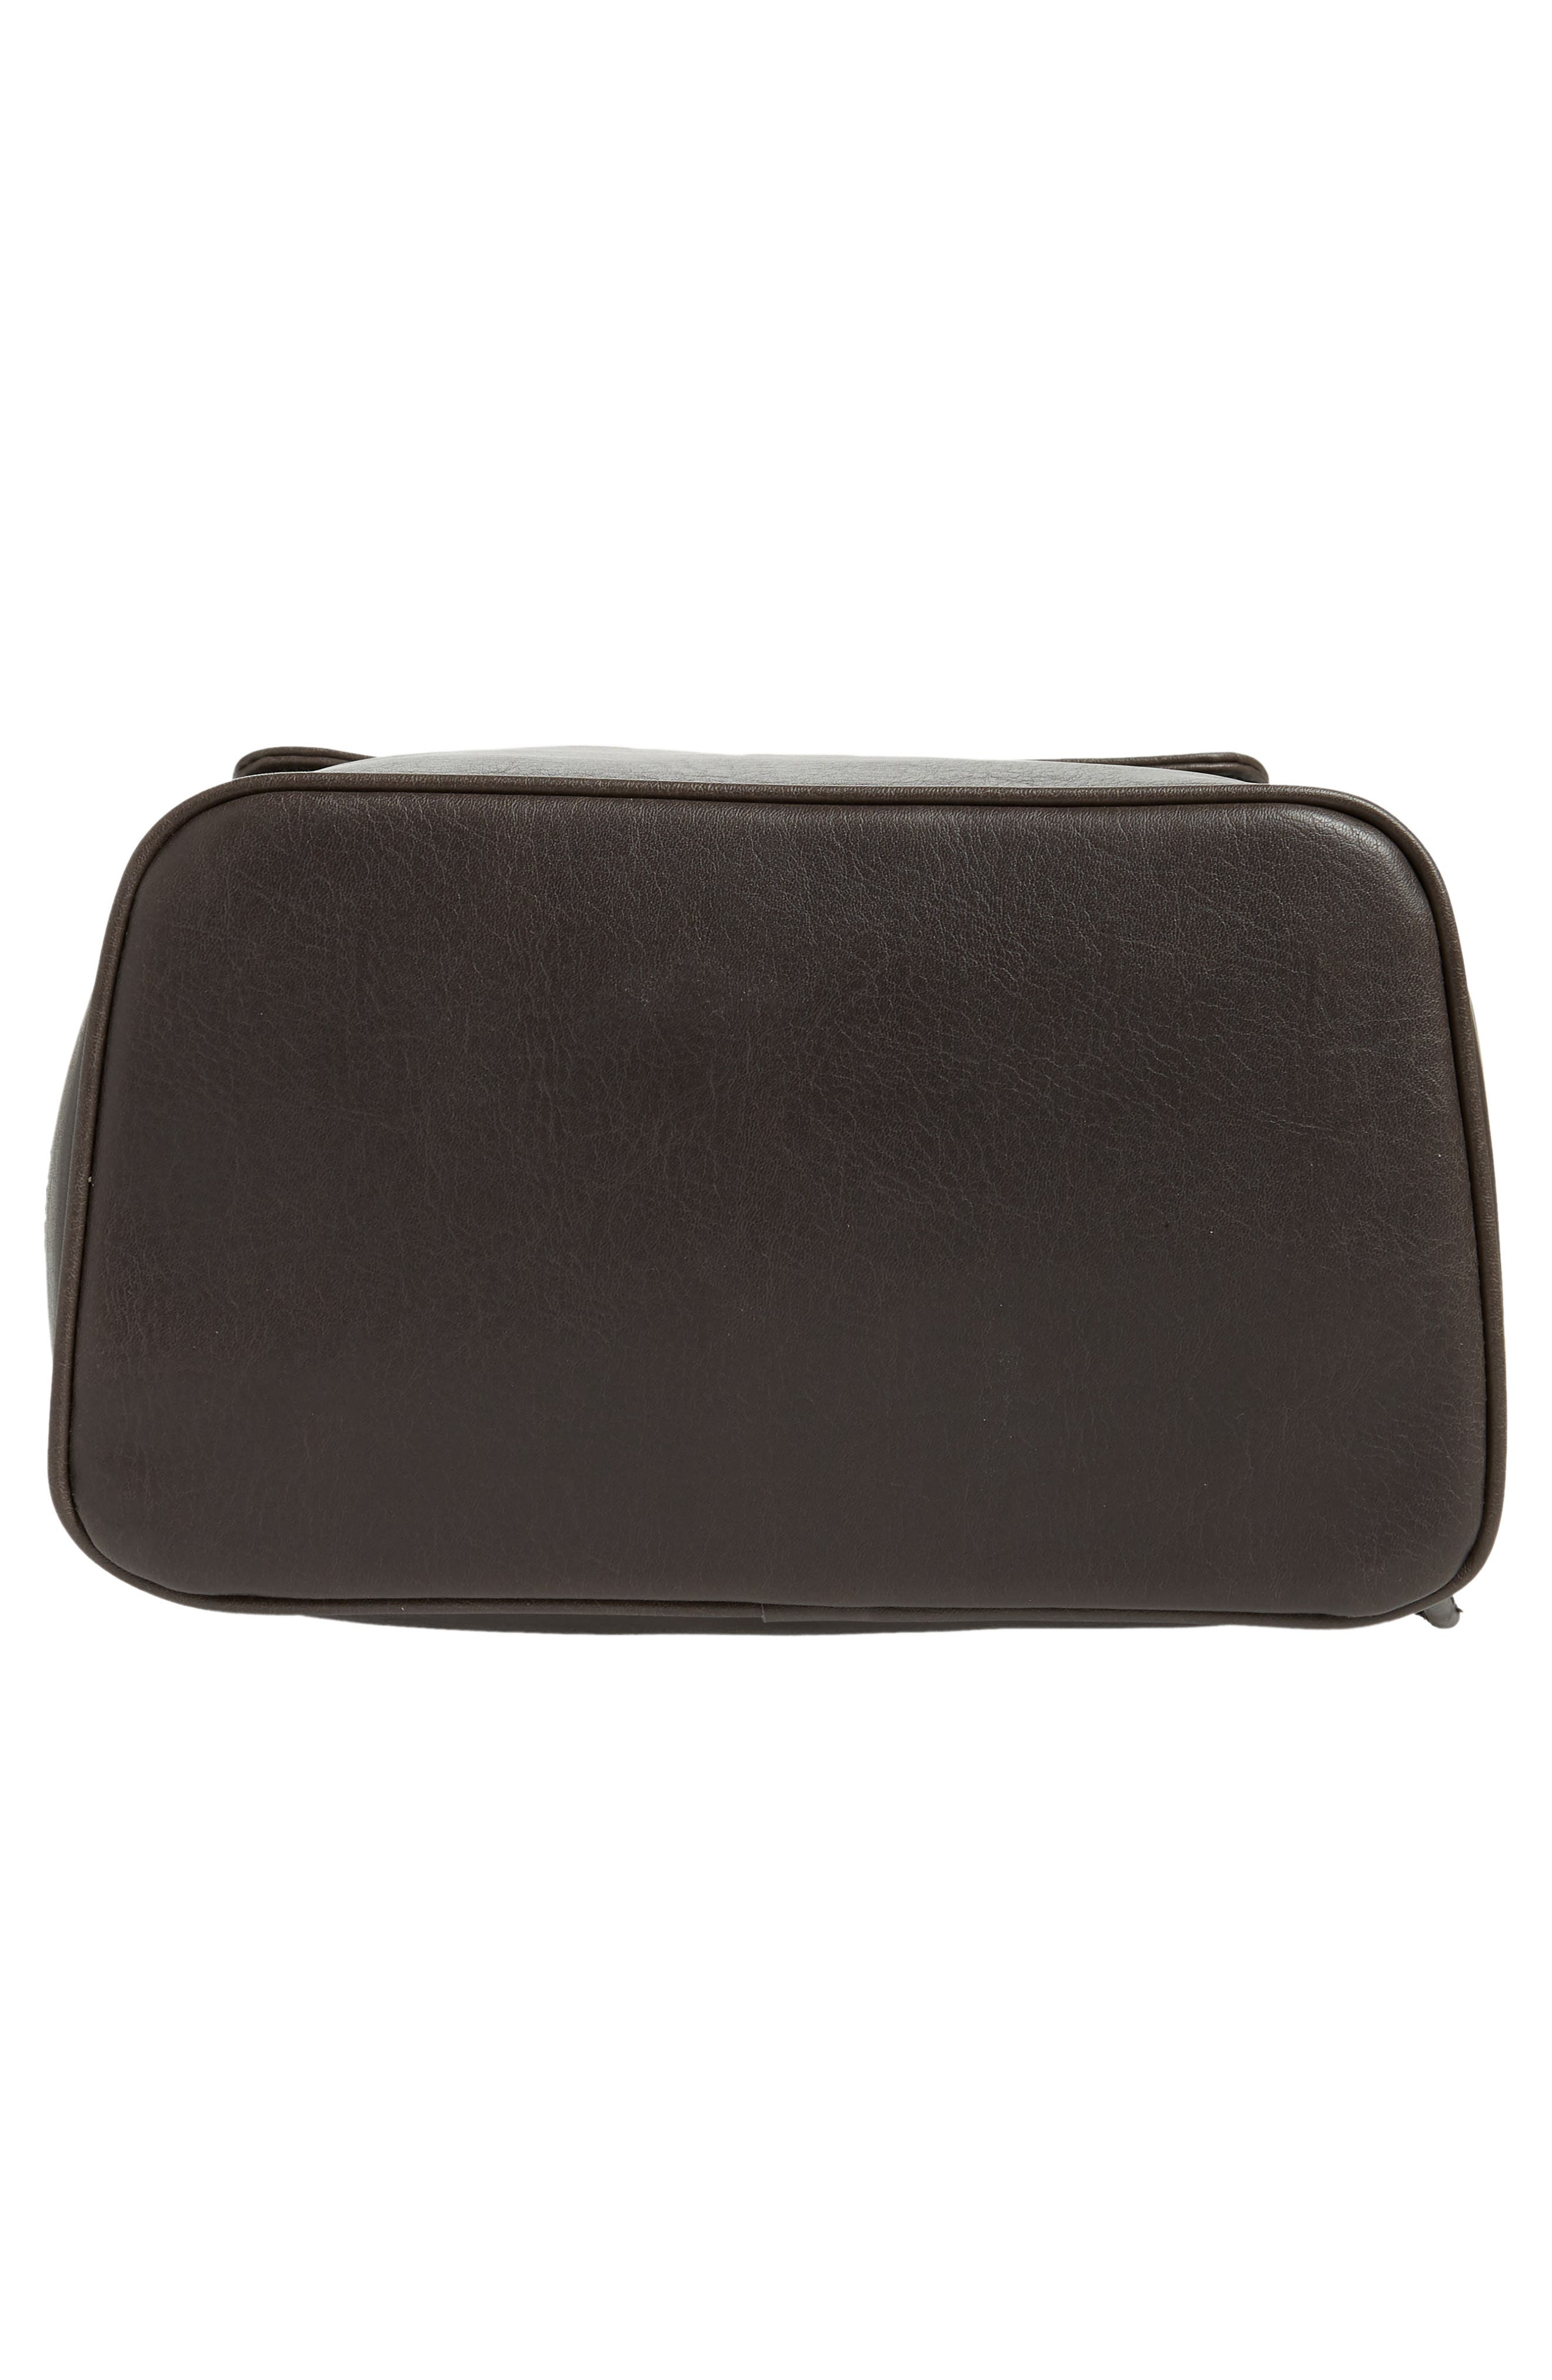 MATT & NAT,                             'Fabi' Faux Leather Laptop Backpack,                             Alternate thumbnail 6, color,                             NO_COLOR